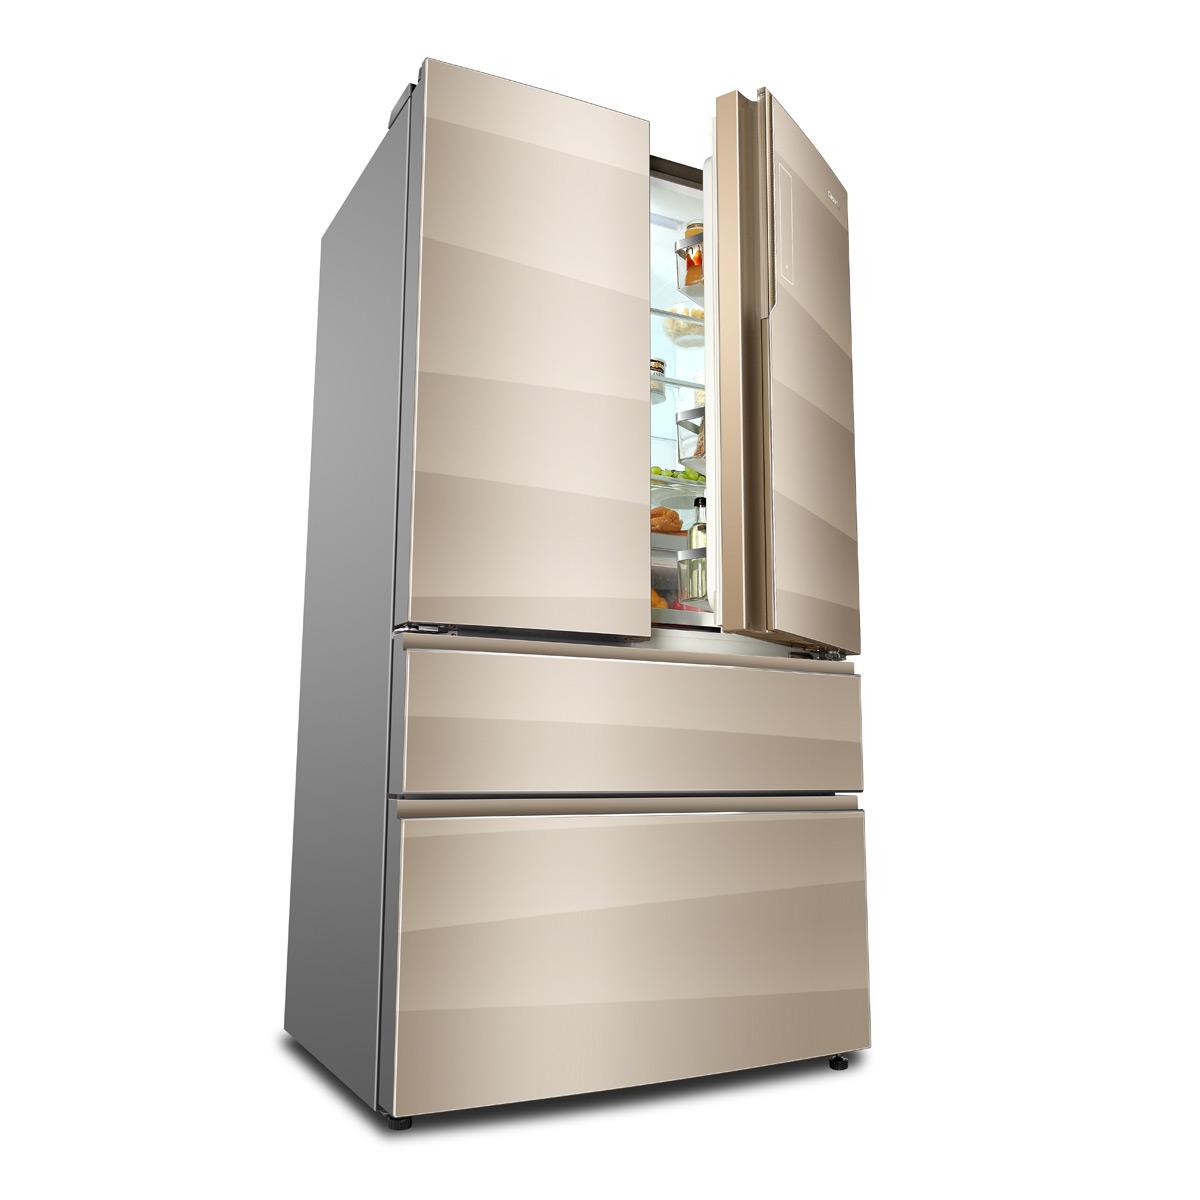 卡萨帝冰箱图片 春节来国美带海尔回家 给家人更多温暖